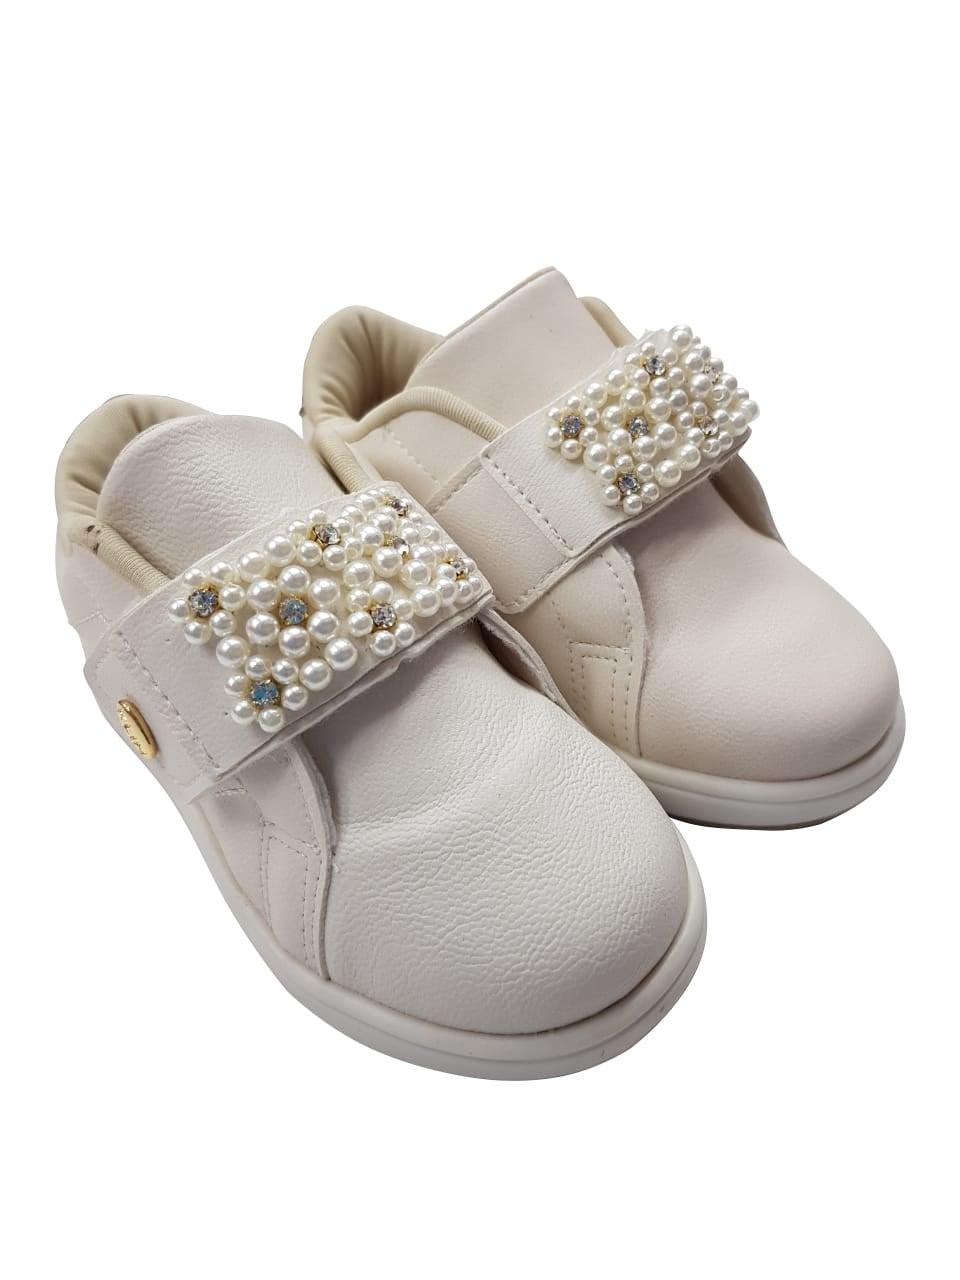 Tênis de Bebê/Infantil Feminino Mini Gloss Klin